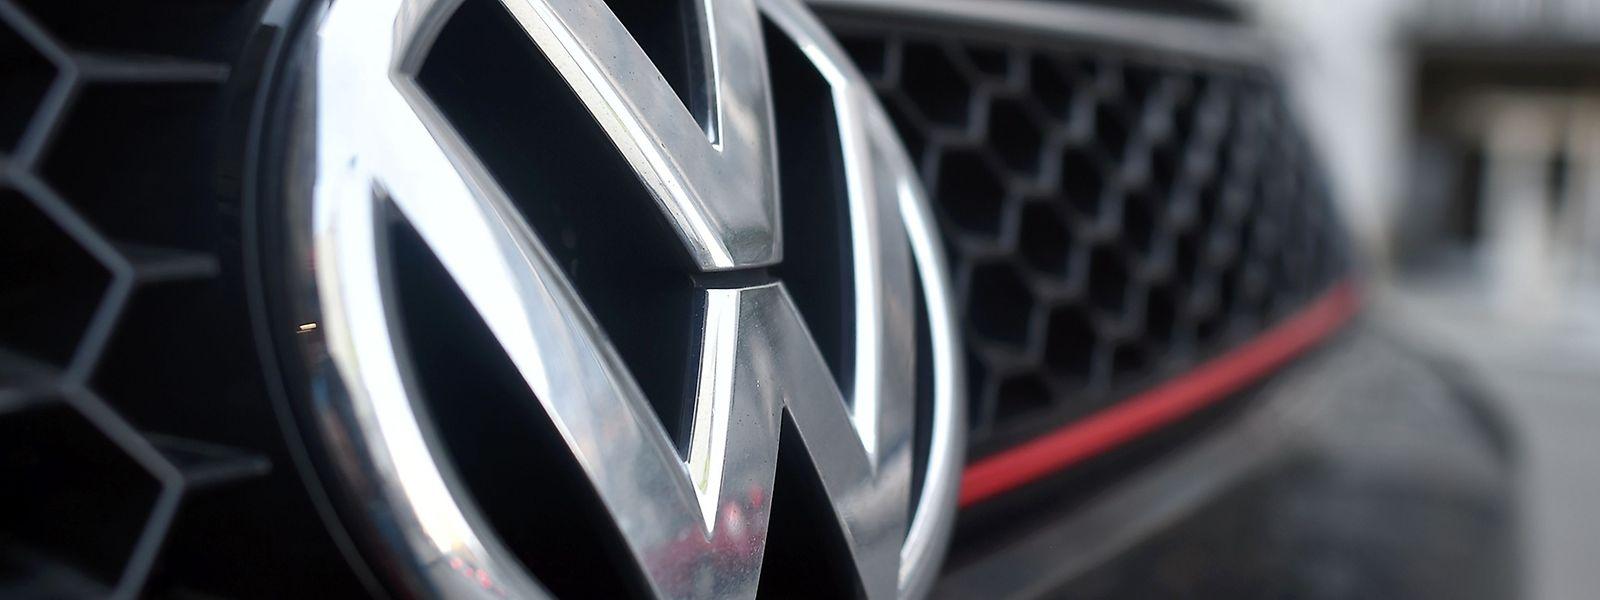 Die Abgas-Krise kommt für VW zur Unzeit, denn die Branche steht vor den größten Umbrüchen seit der Erfindung des Autos.